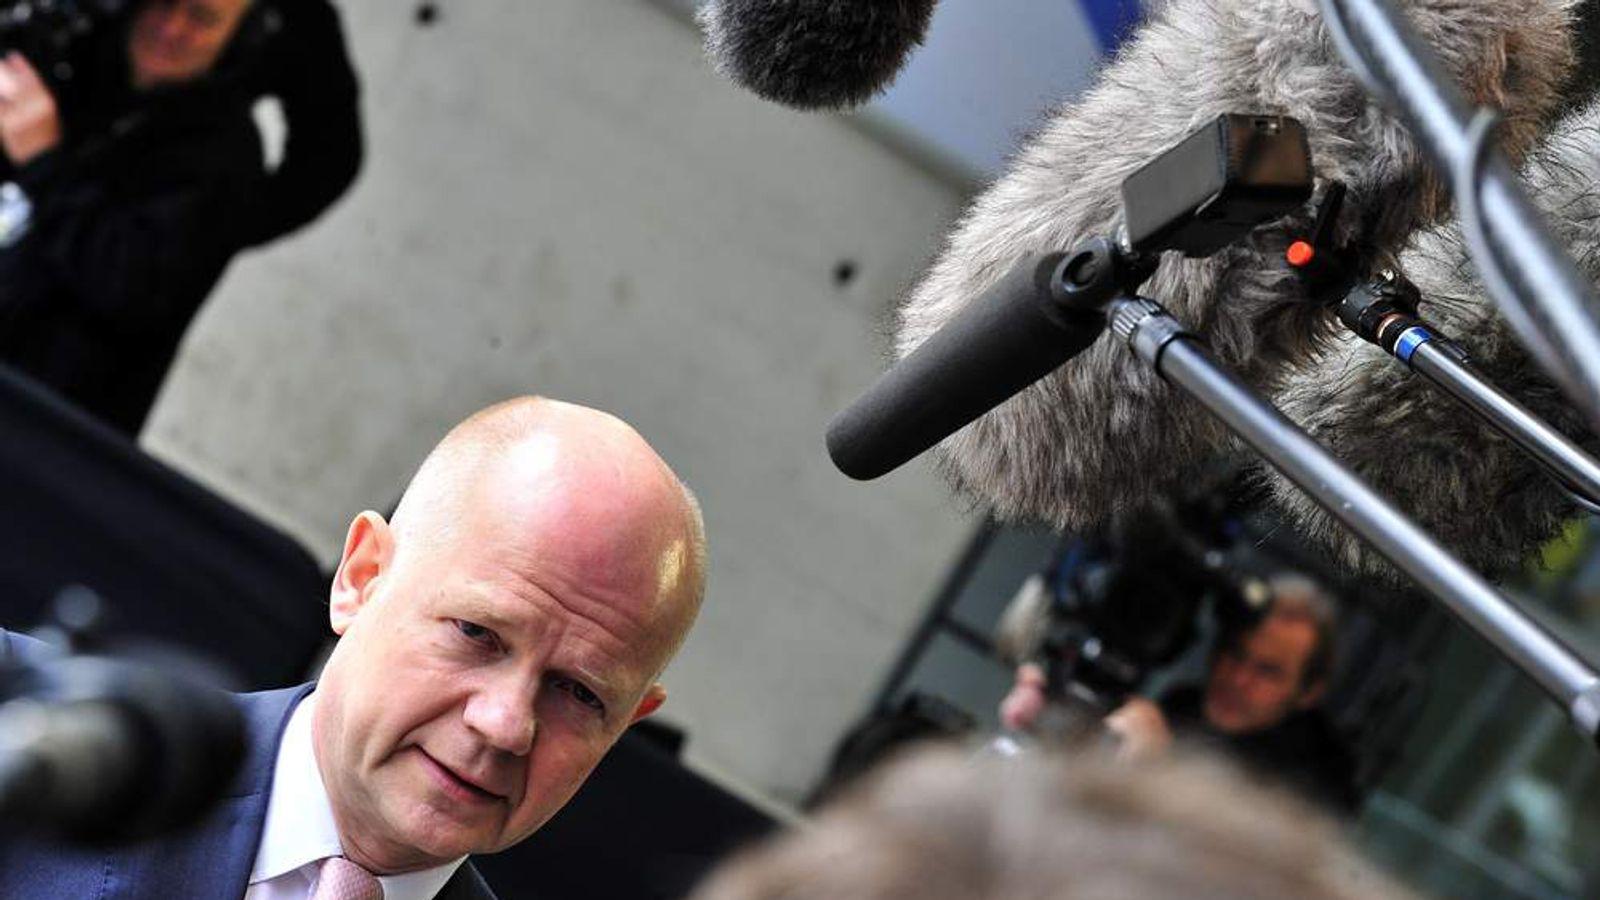 UK Foreign Secretary, William Hague